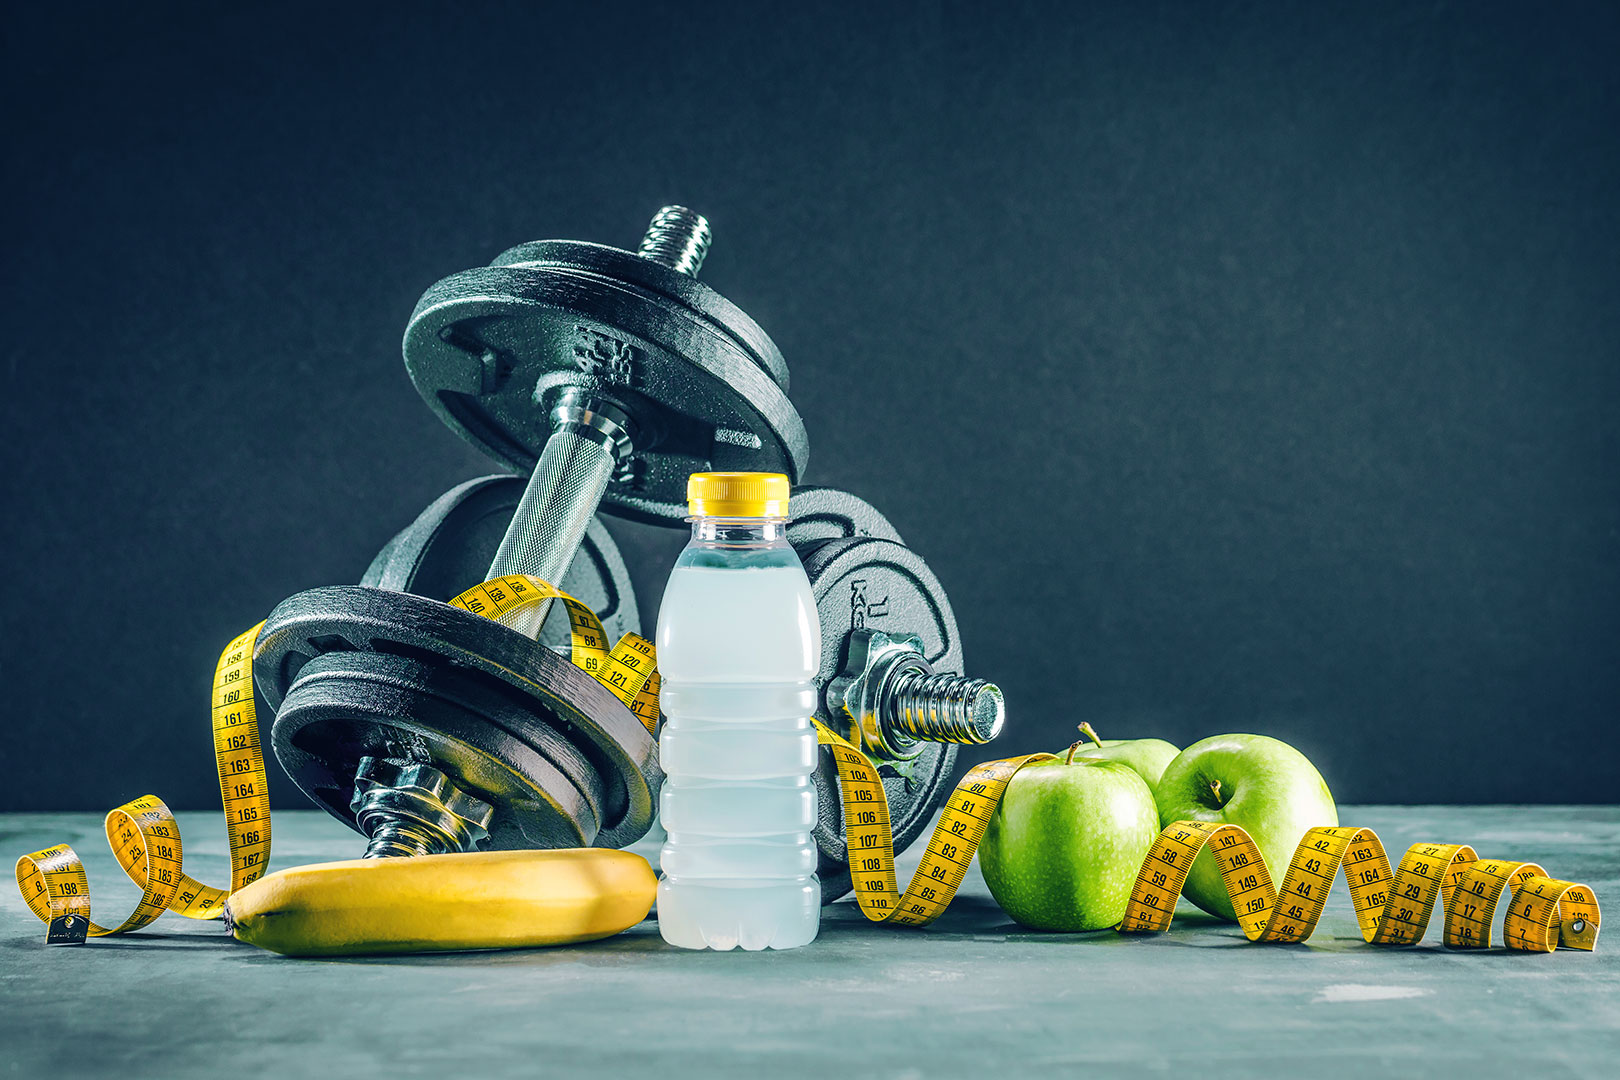 A negatív kalóriás ételek olyan - többnyire magas rosttartalmú - friss gyümölcsök és zöldségek, melyeknek a megemésztése több energiát követel a szervezetedtől, mint amennyit az általuk bevitt kalóriákkal nyertél. Ez azt jelenti, hogy bármennyit ehetsz be